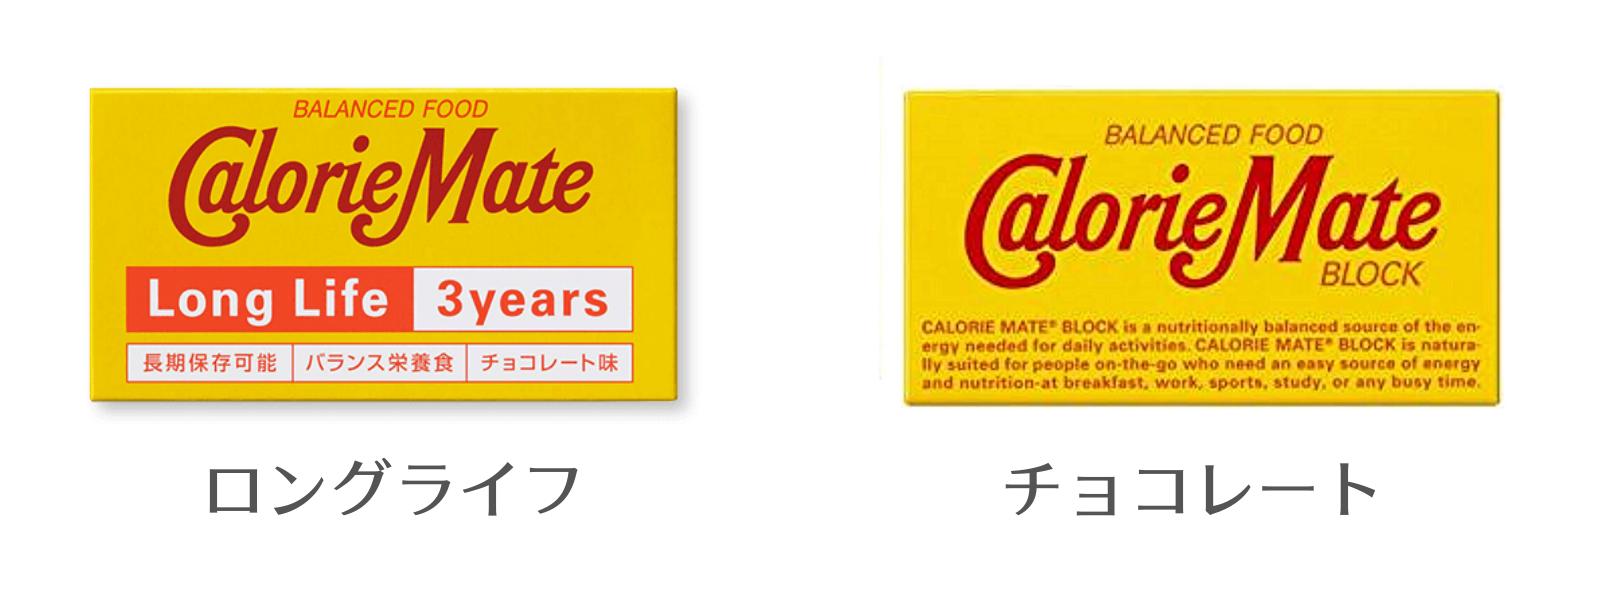 カロリーメイトロングライフとチョコレートの外観を比較